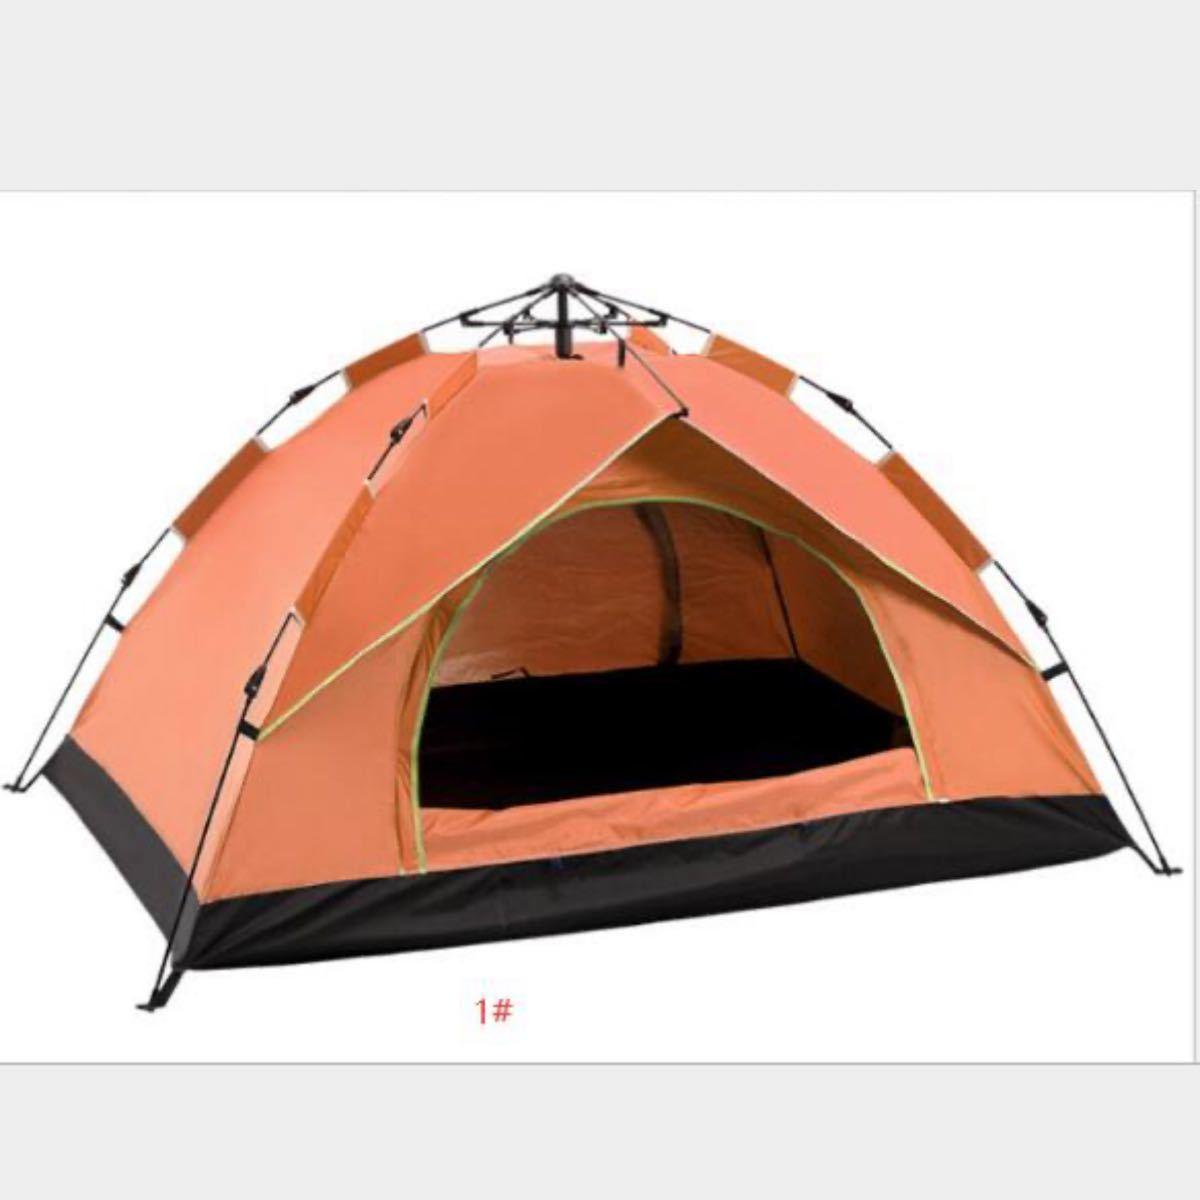 ワンタッチテント  UVカット フルクローズ 防風防水 簡易テント